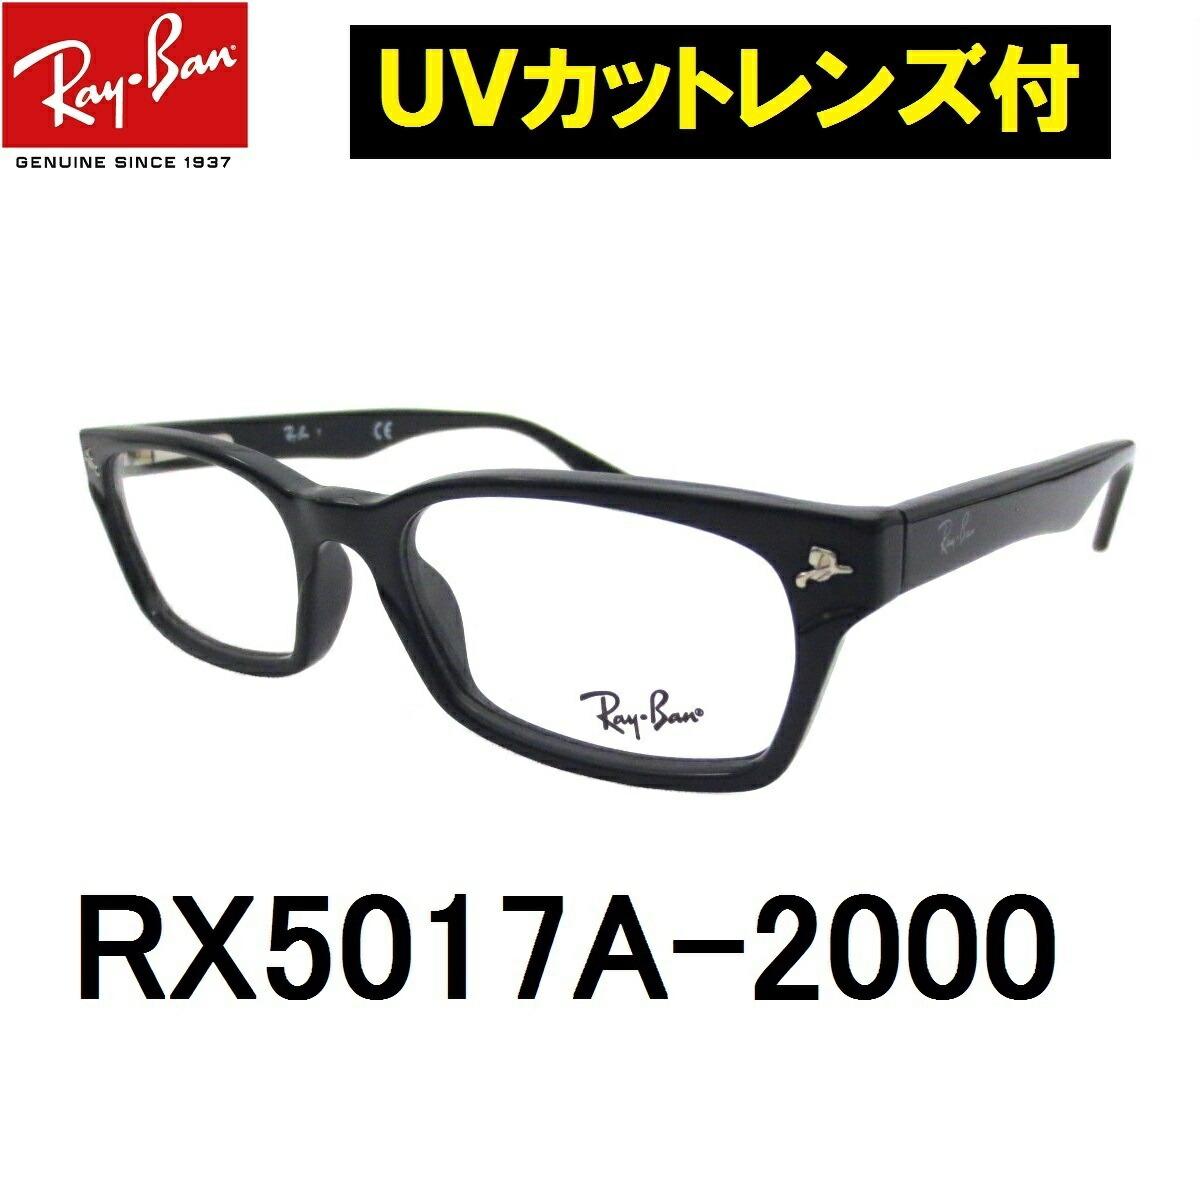 おしゃれなメガネRay-Ban(レイバン)RX5017Aと中屈折薄型標準レンズ付きセット!アイマックス価格